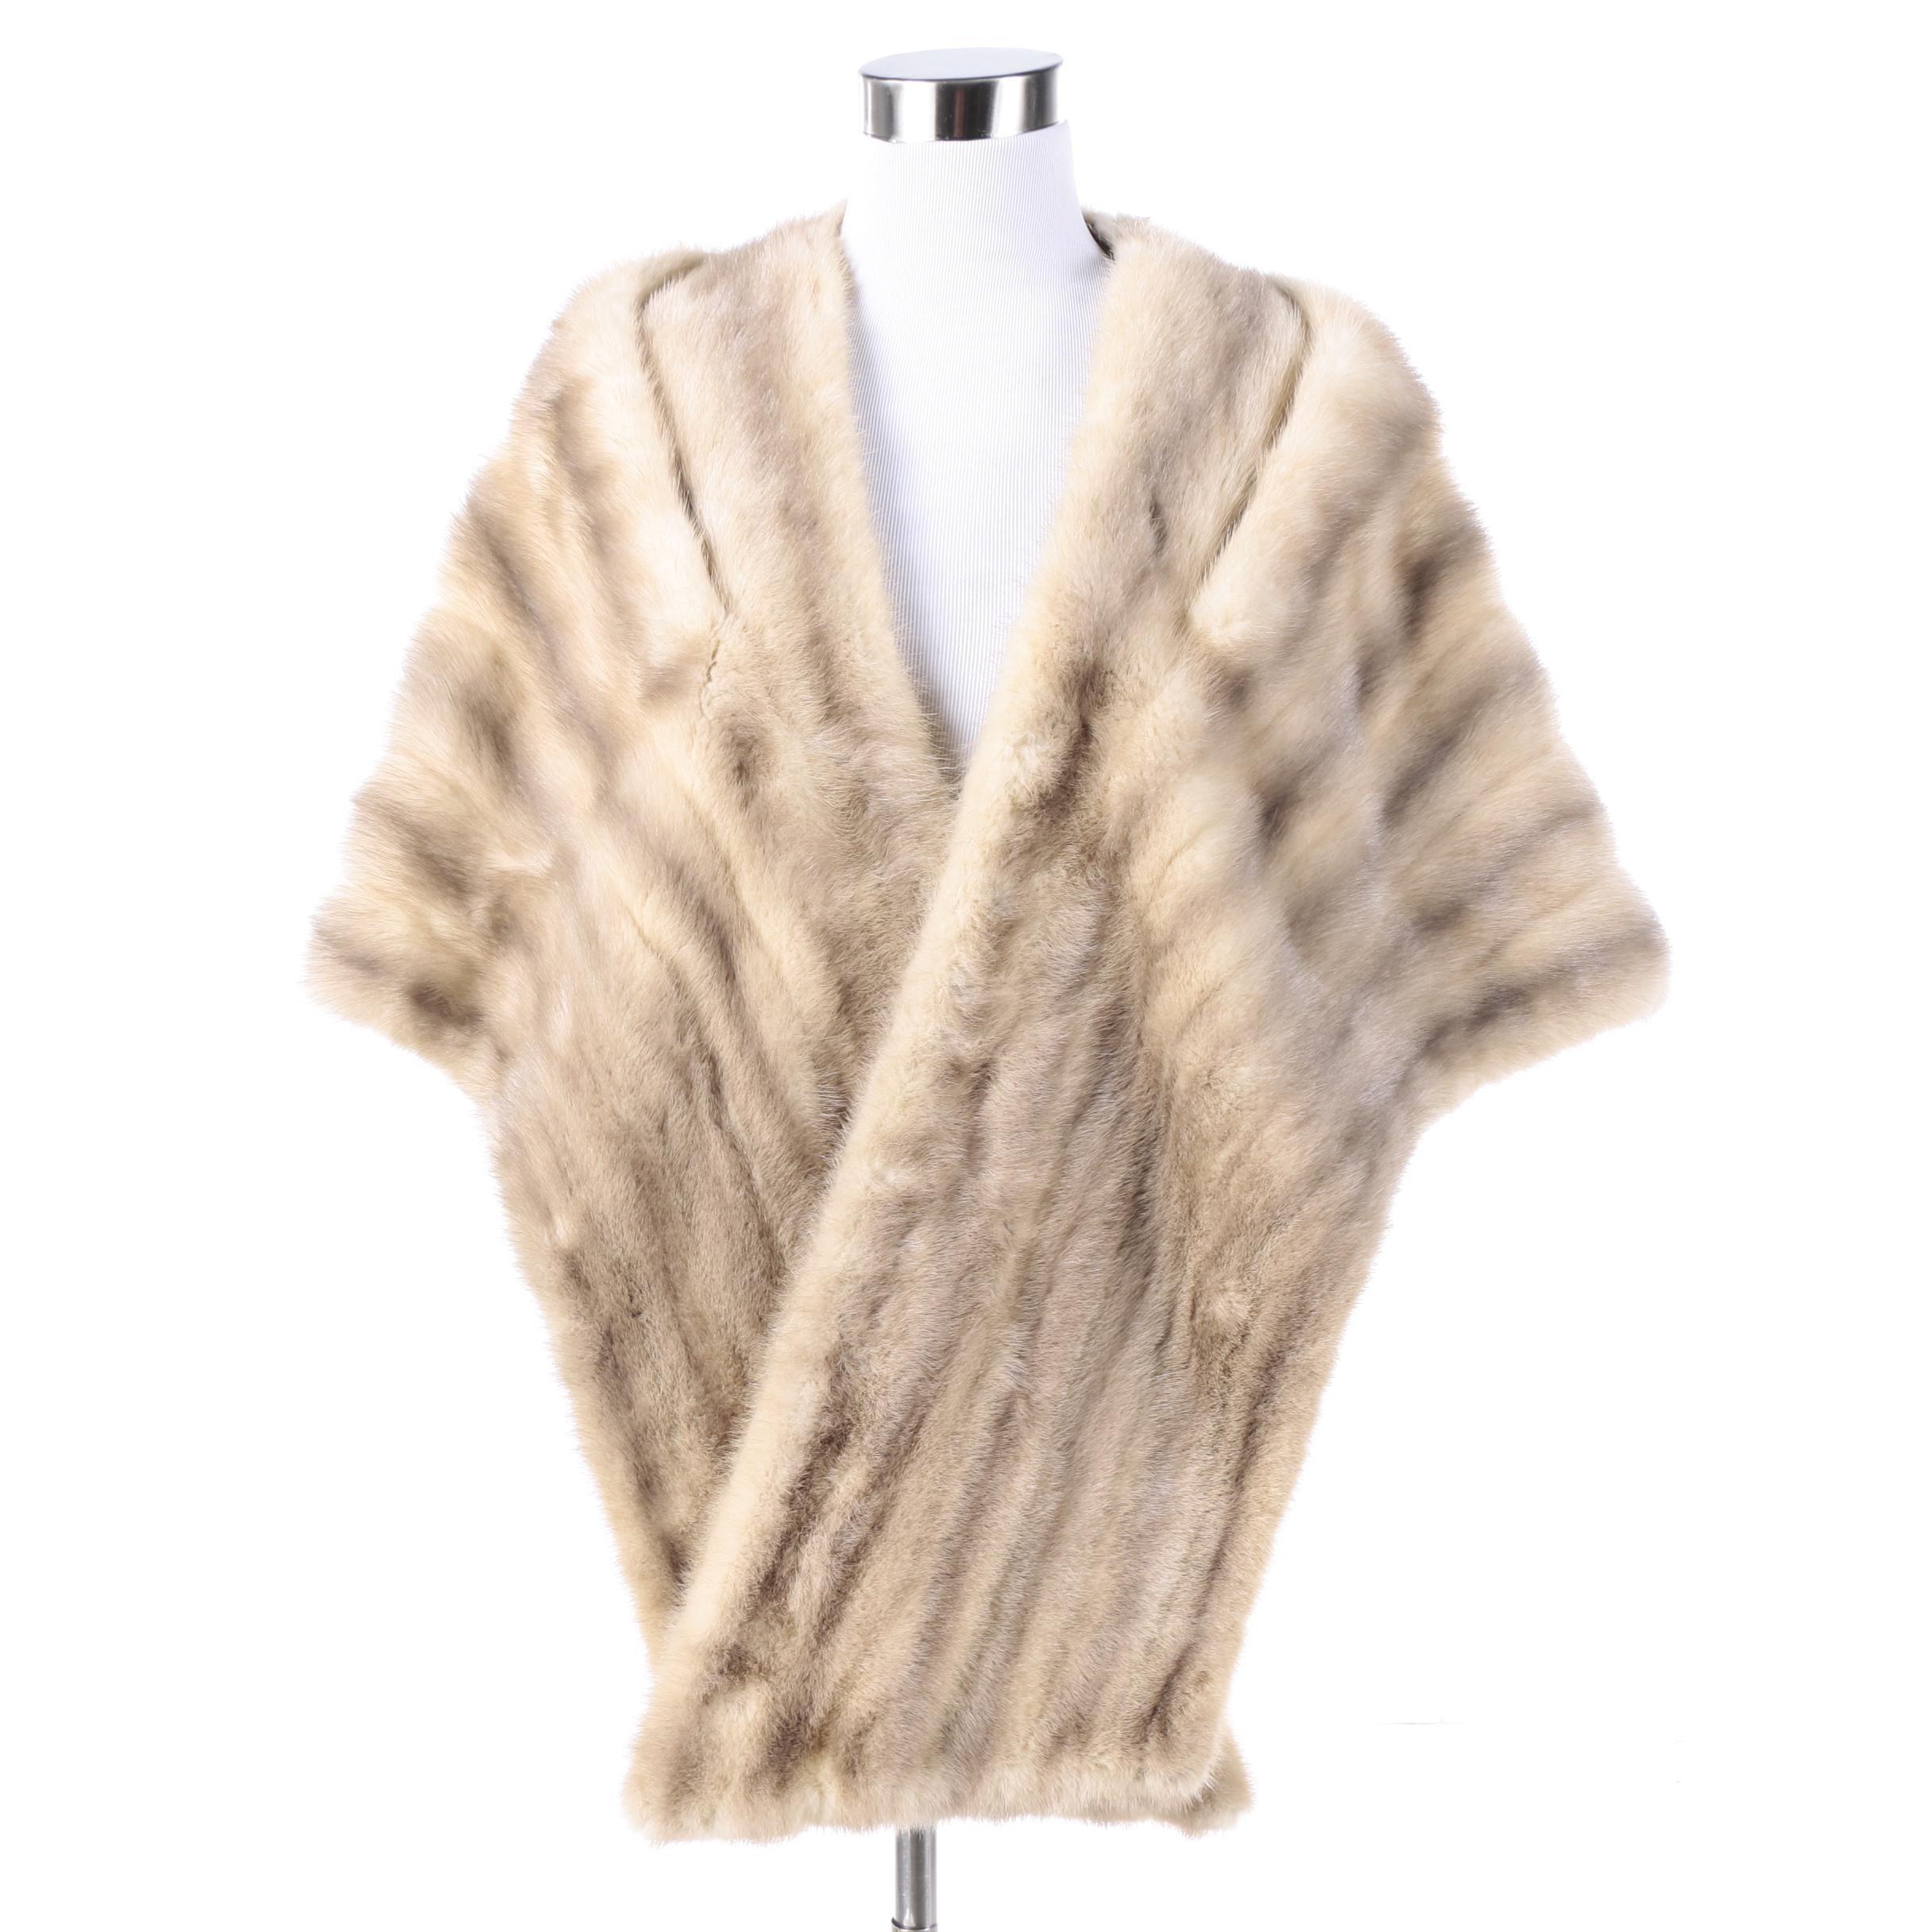 Vintage Javarek Furs Mink Fur Stole